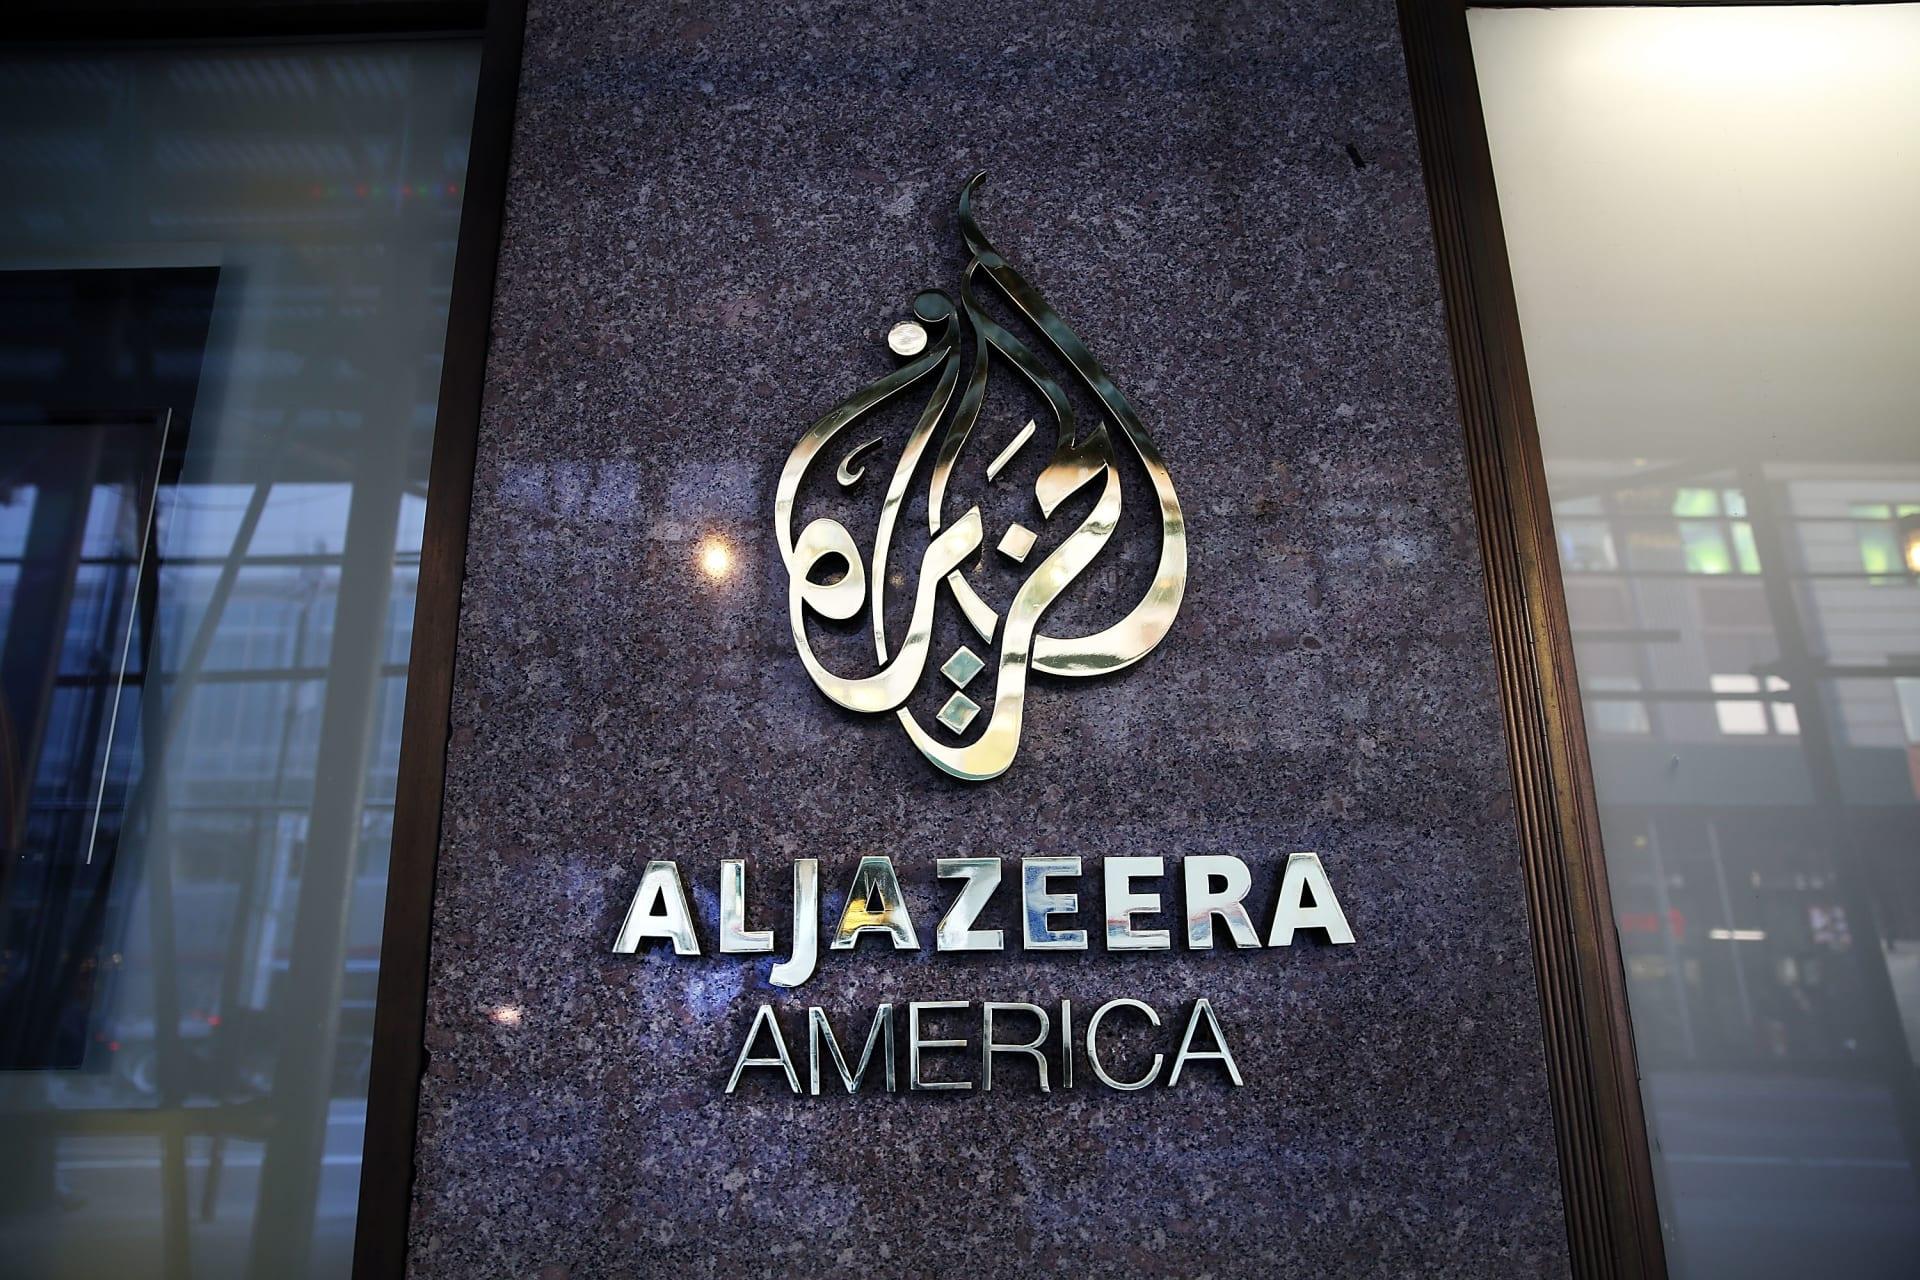 """وزارة العدل الأمريكية تأمر بتصنيف منصة تابعة للجزيرة """"وكيلا خارجيا"""" لحكومة قطر"""